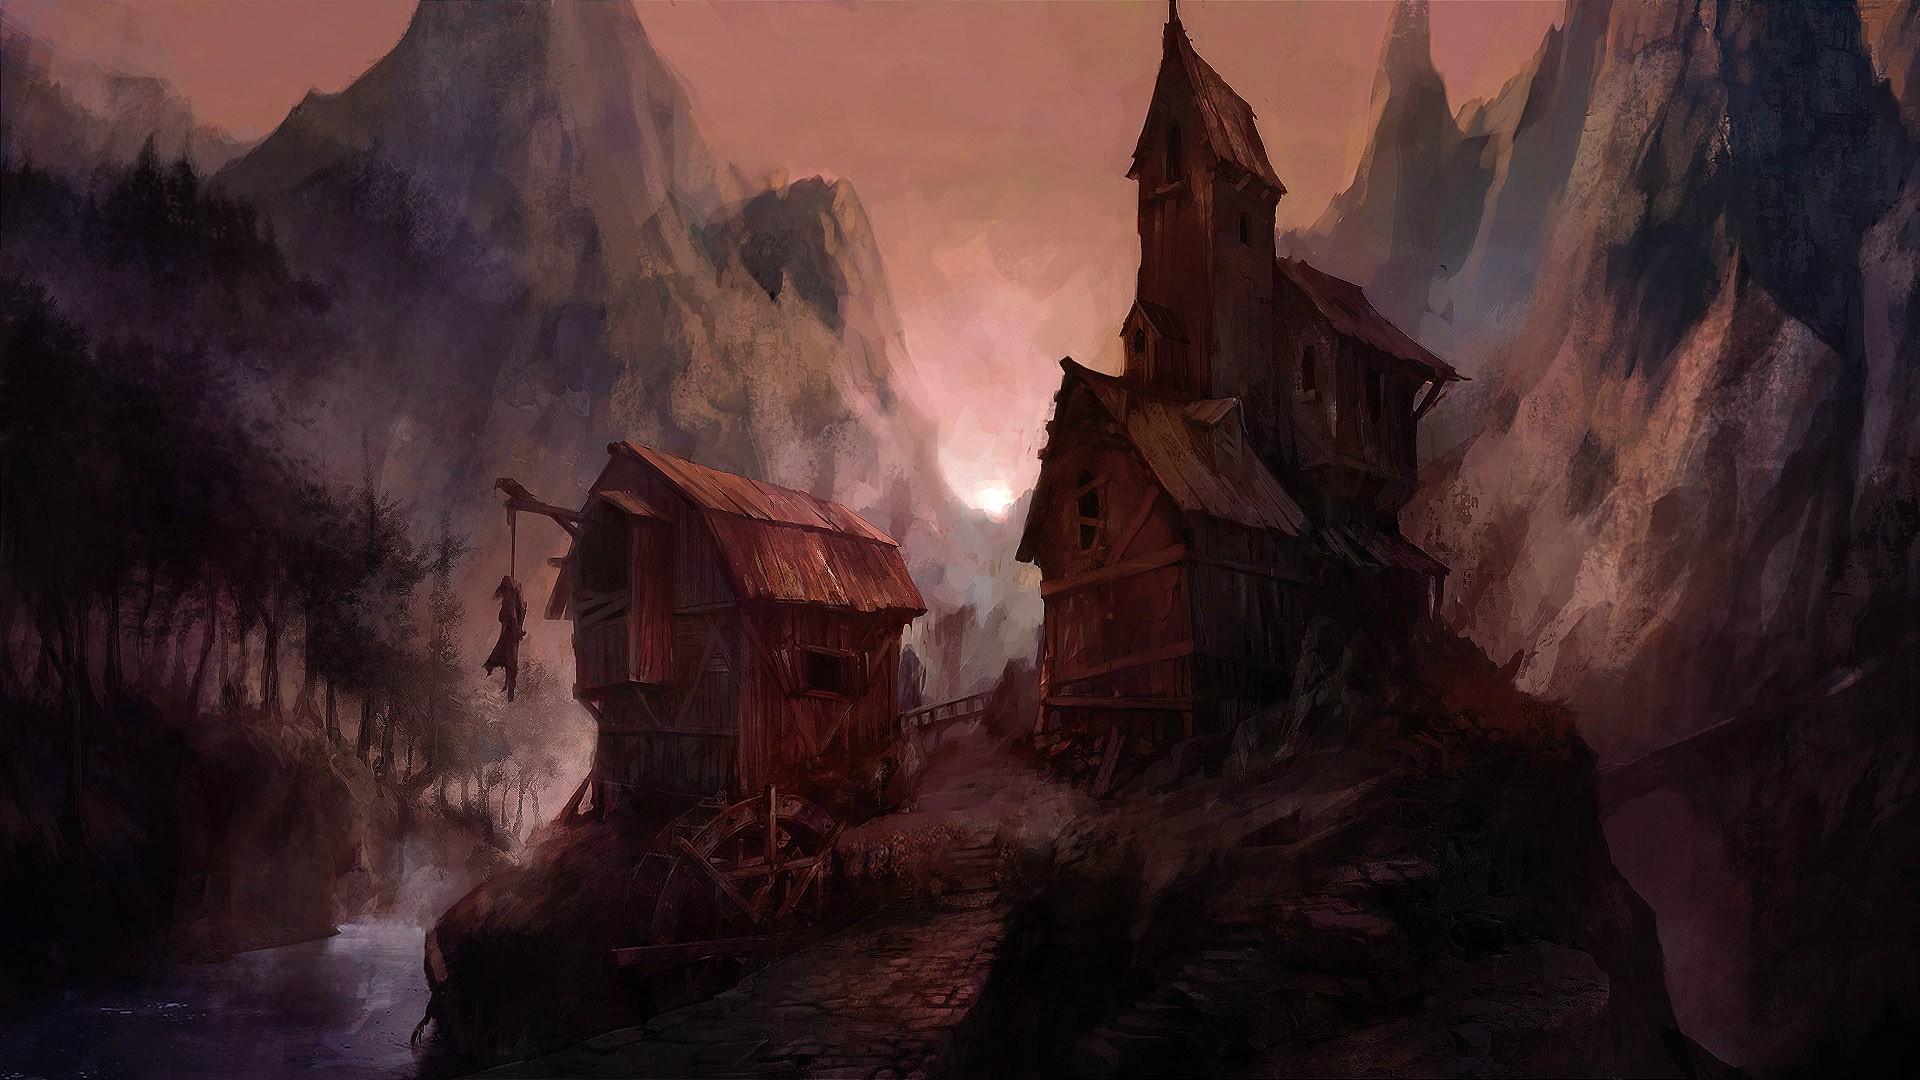 Castlevania-LordsofShadow-MirrorofFate 3DS Visuel 004